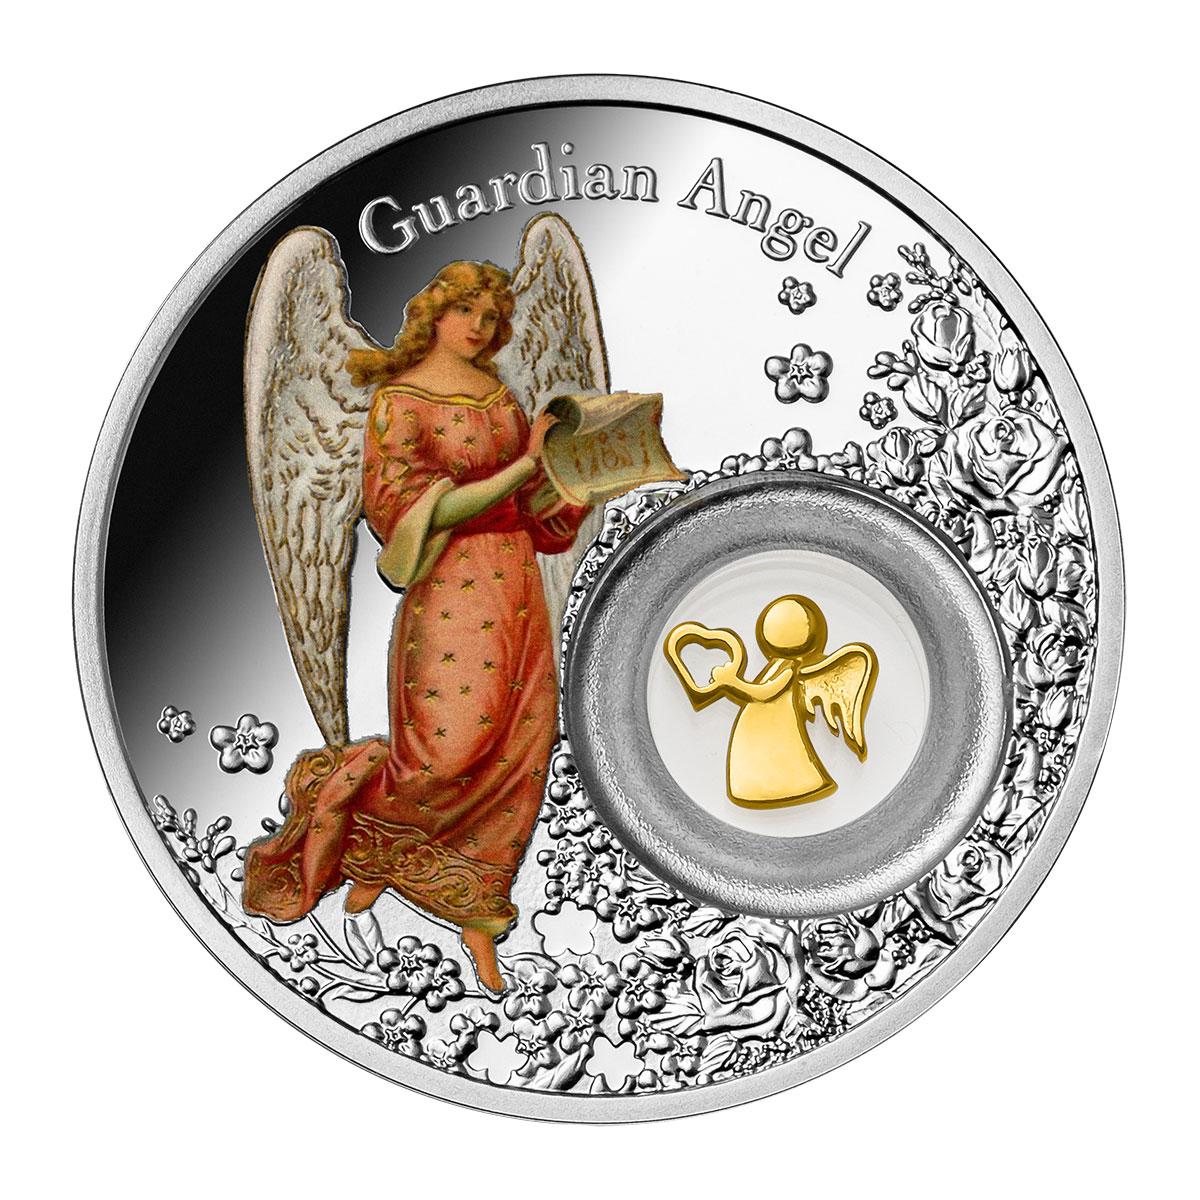 Anioł Stróż, 2 dolary